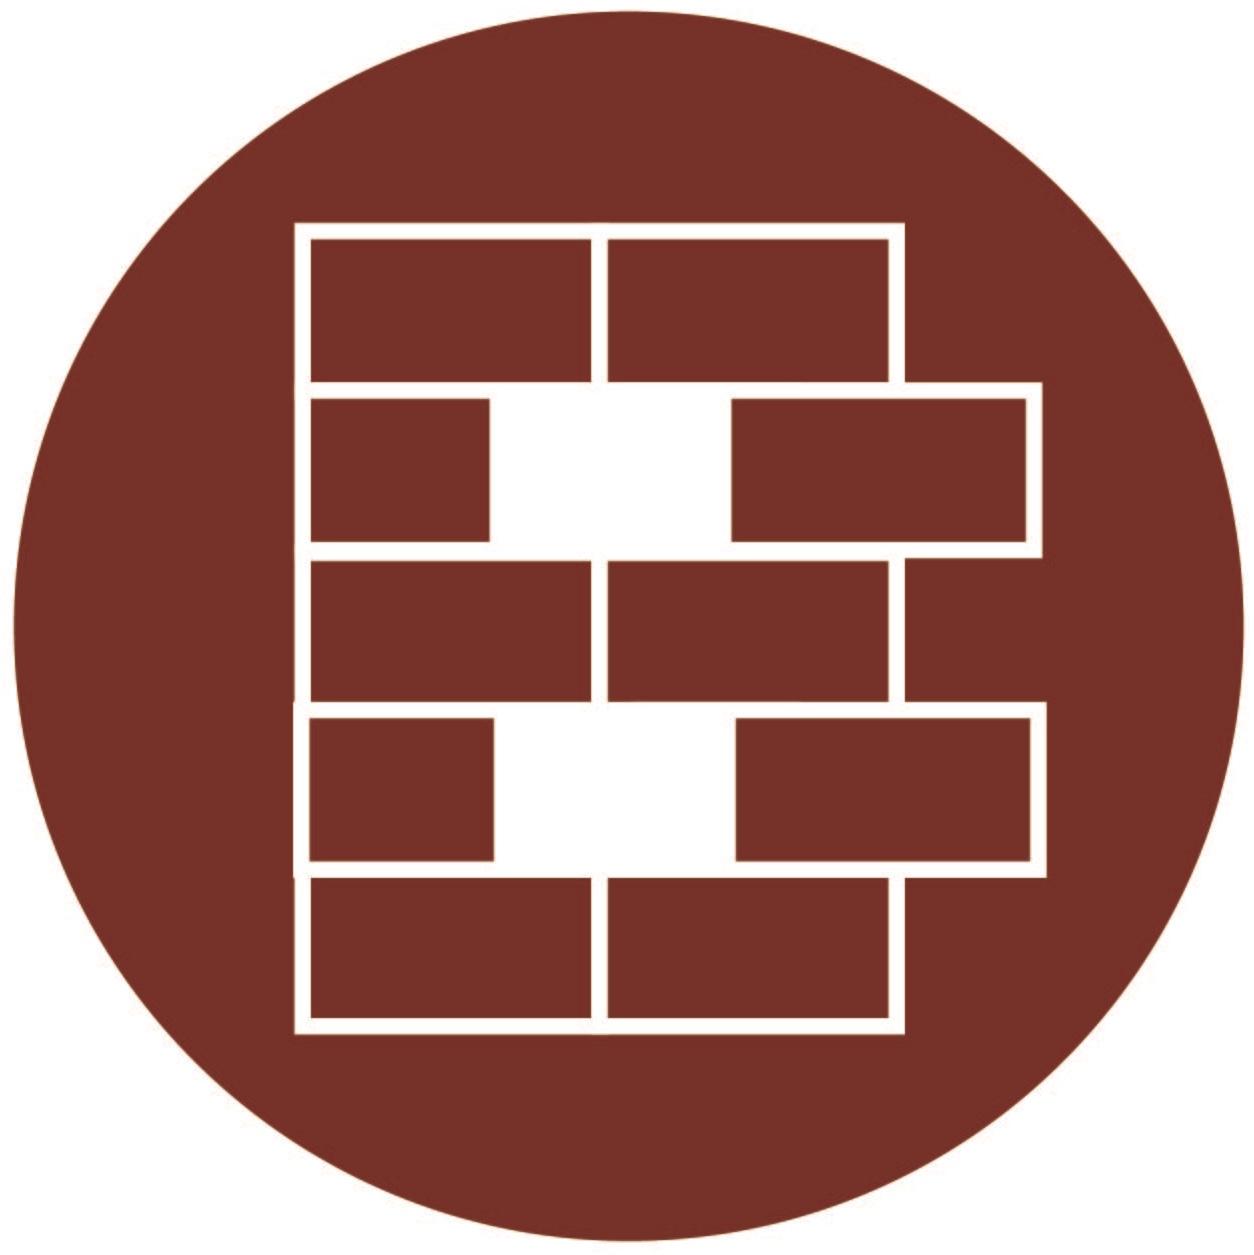 Brick Domains